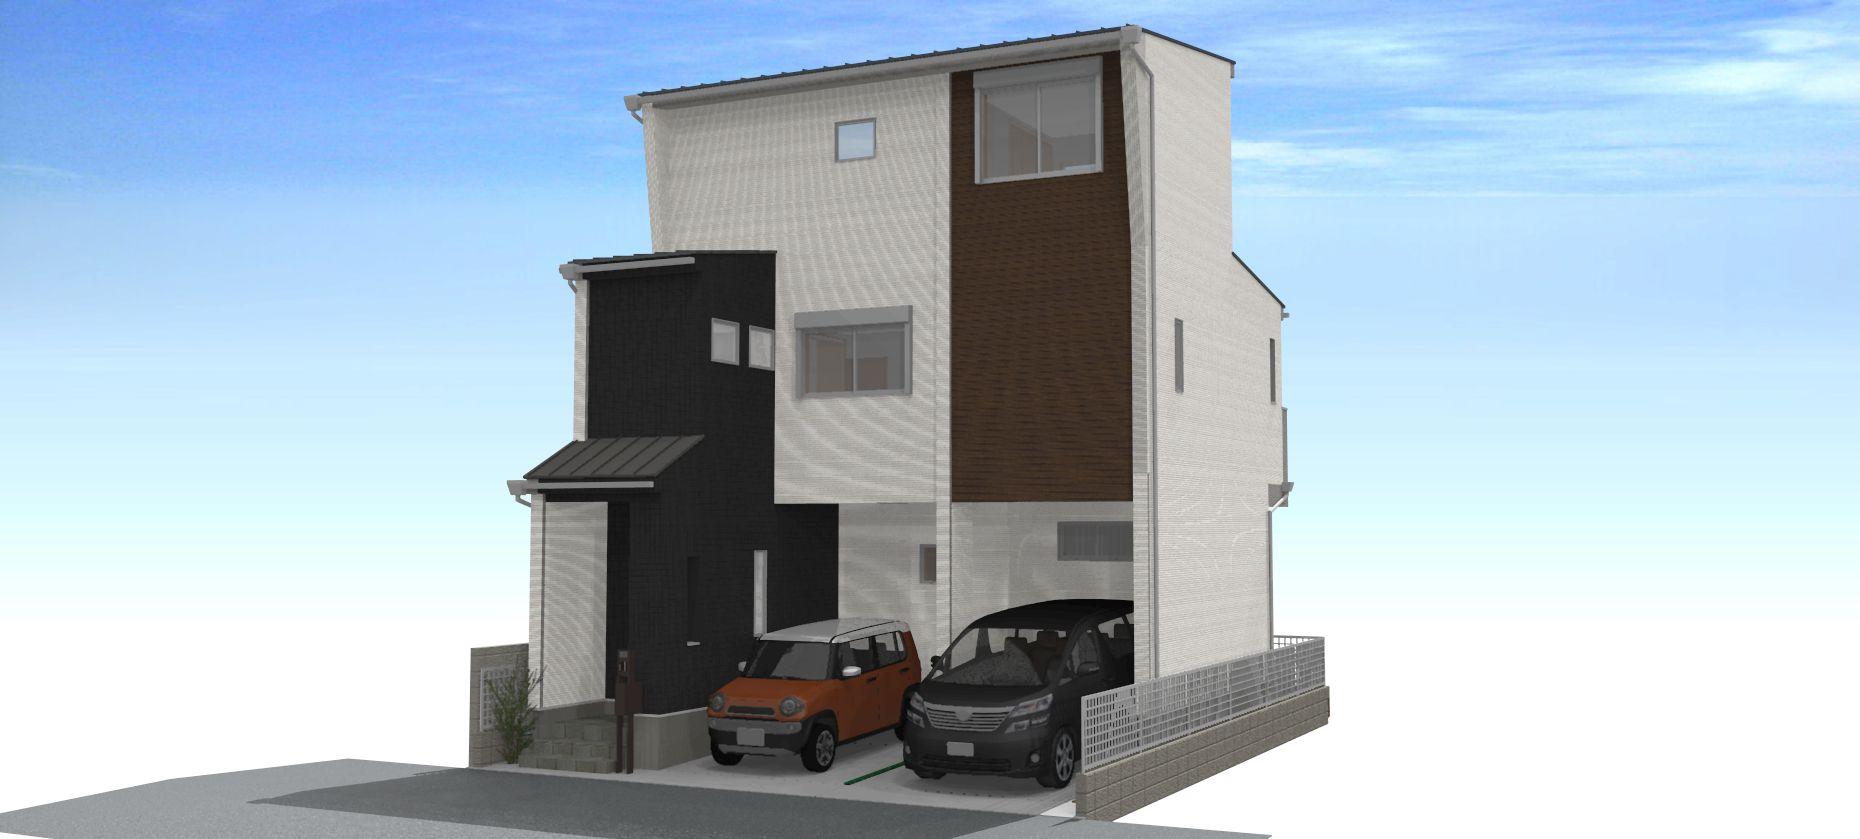 北区・天道町の家 3,780万円